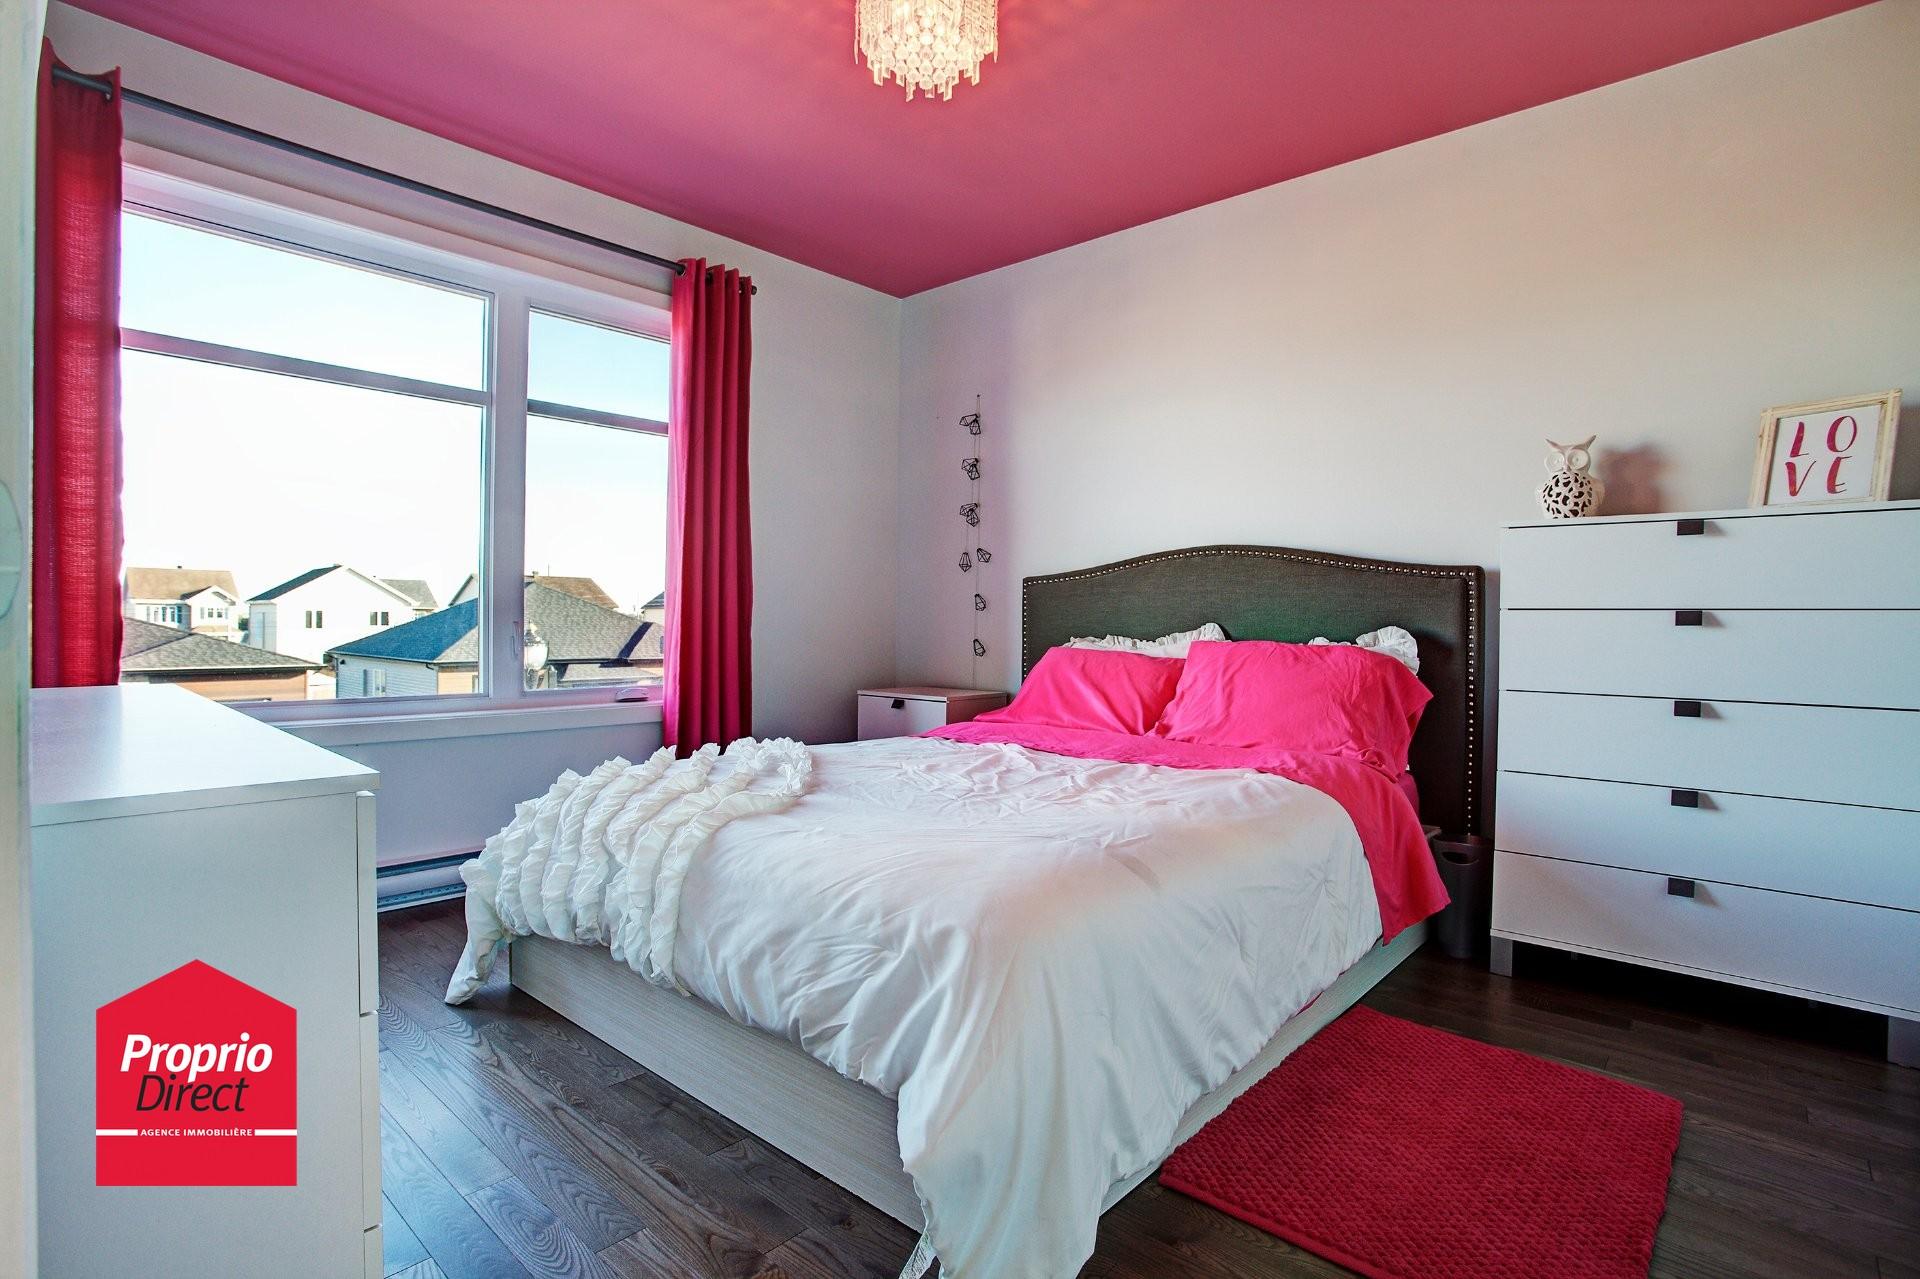 Maison tages vendre 3620 rue des lotus marieville for Acheter une chambre a coucher